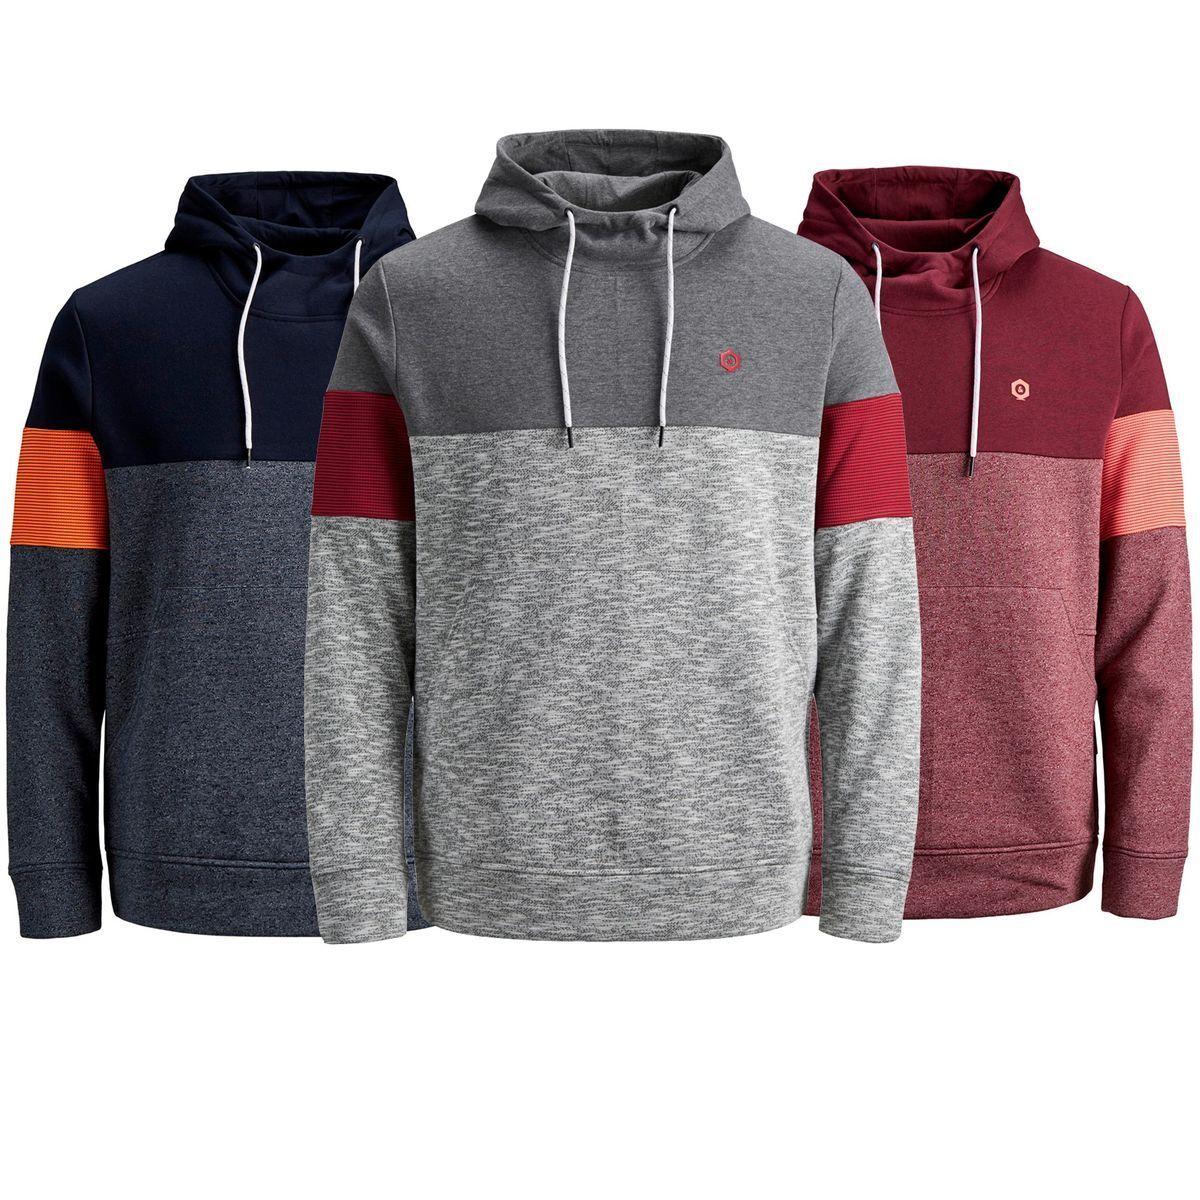 608c75563a345c Moderne Pullover Herren Test Vergleich +++ Moderne Pullover Herren ...